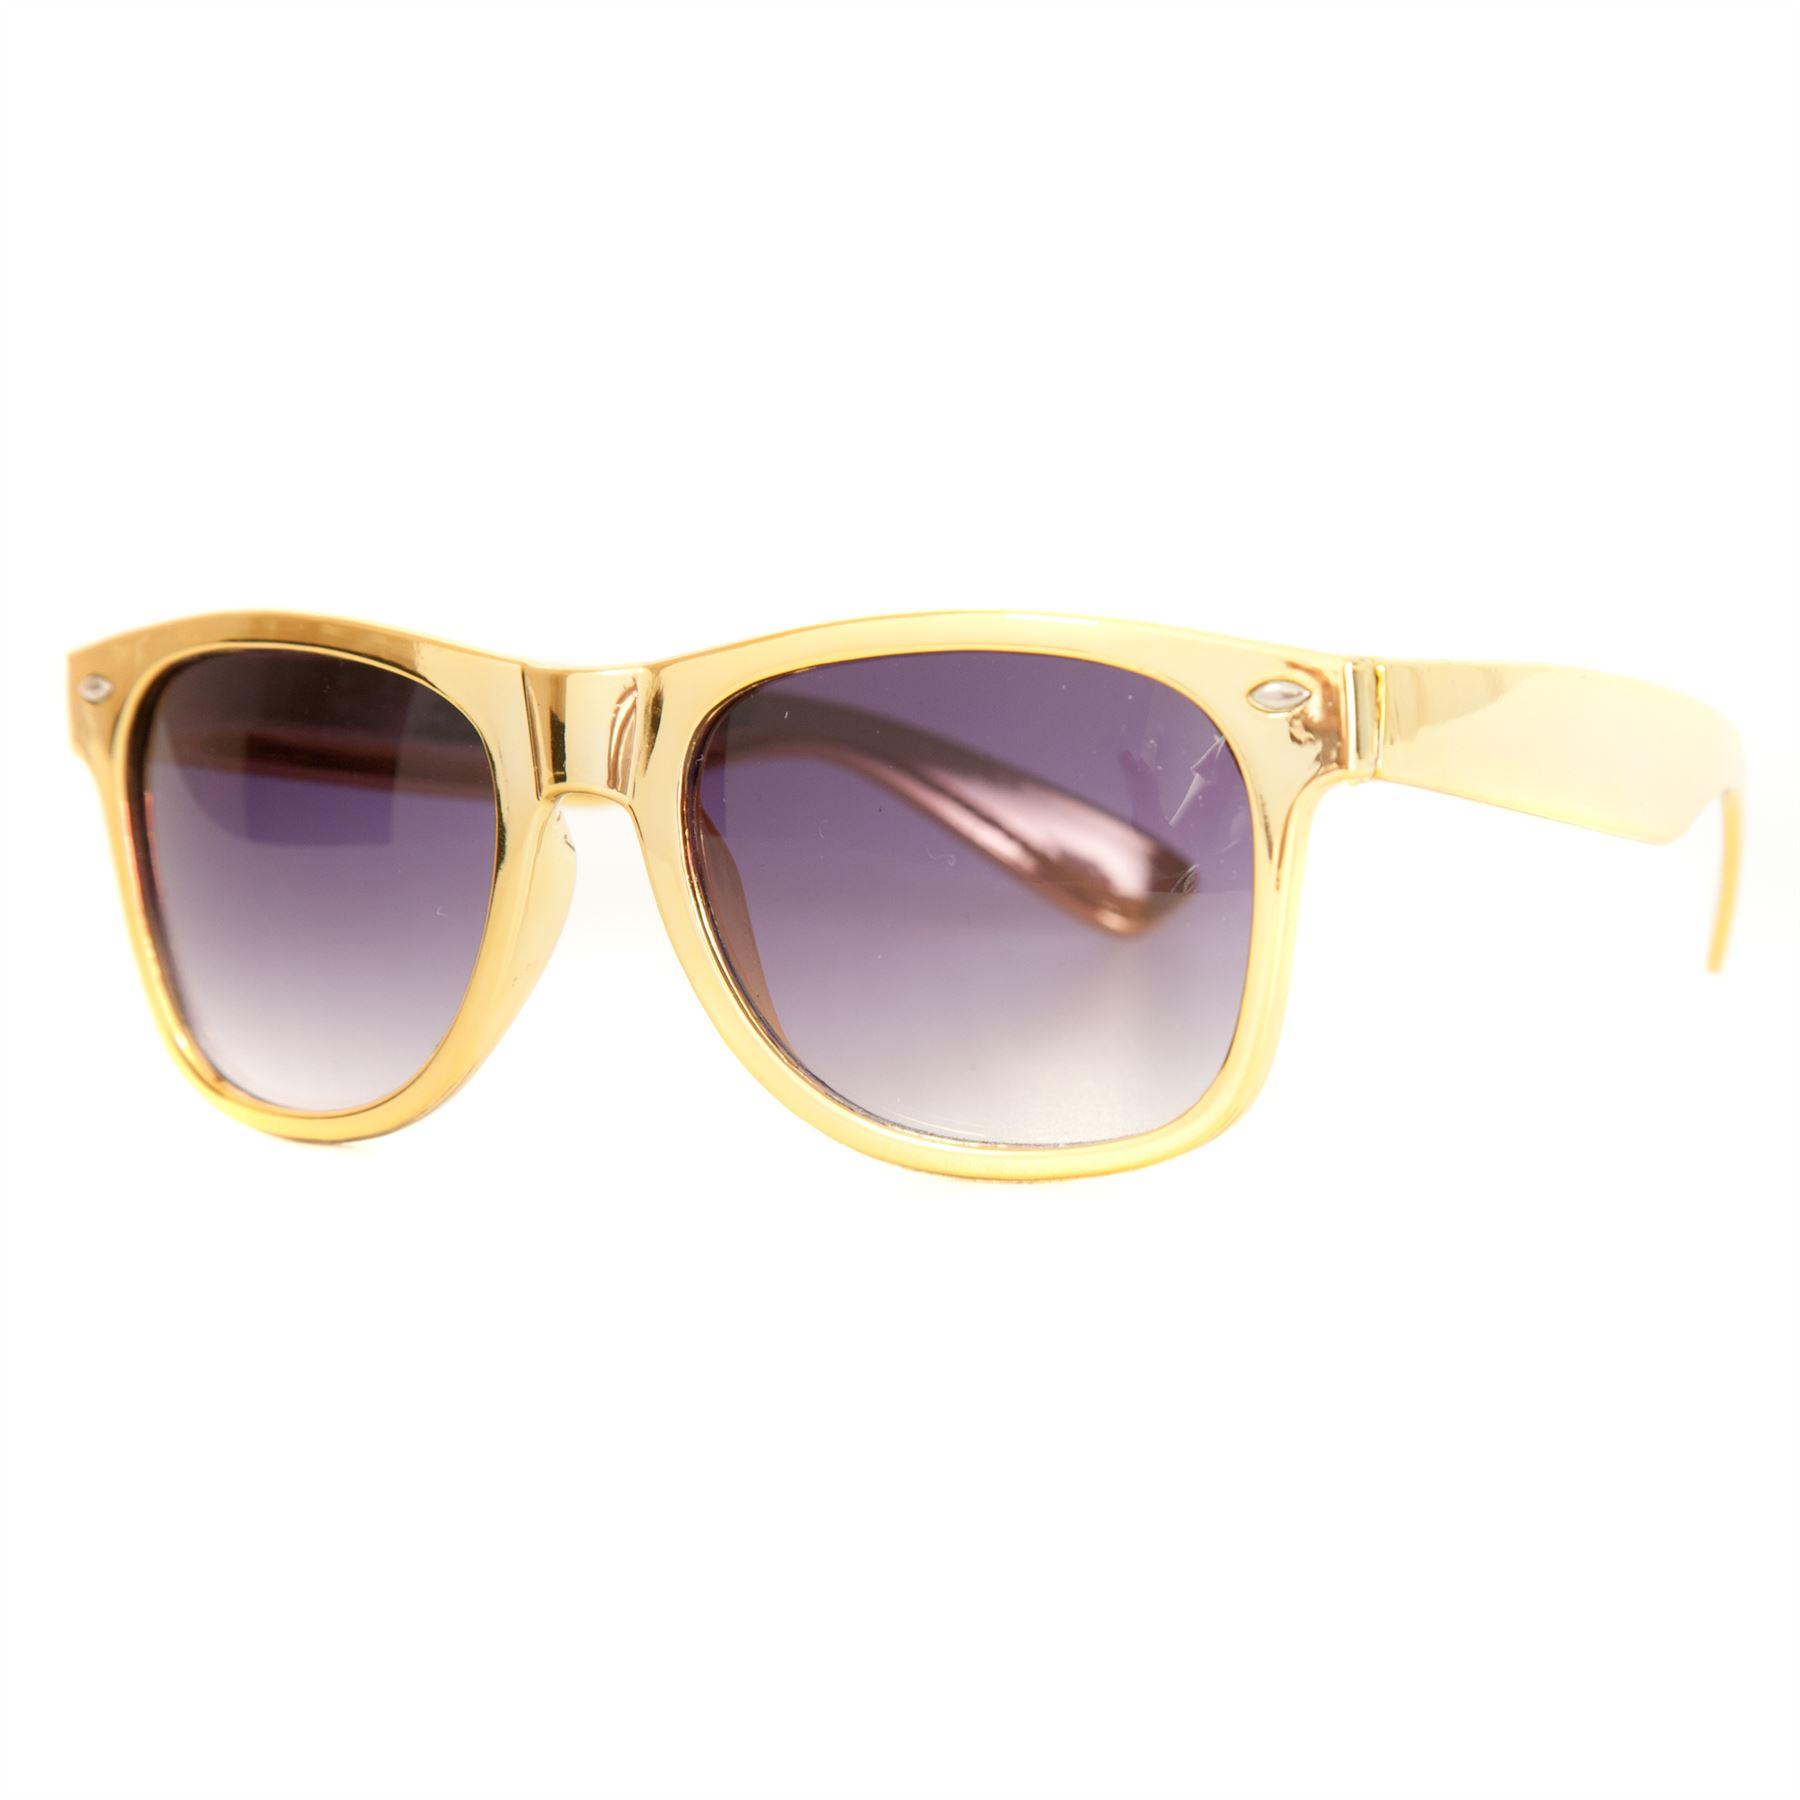 Metallic Gold Frame Wayfarer Sunglasses : Ladies Wayfarer Style Metallic Gold Sunglasses with black ...